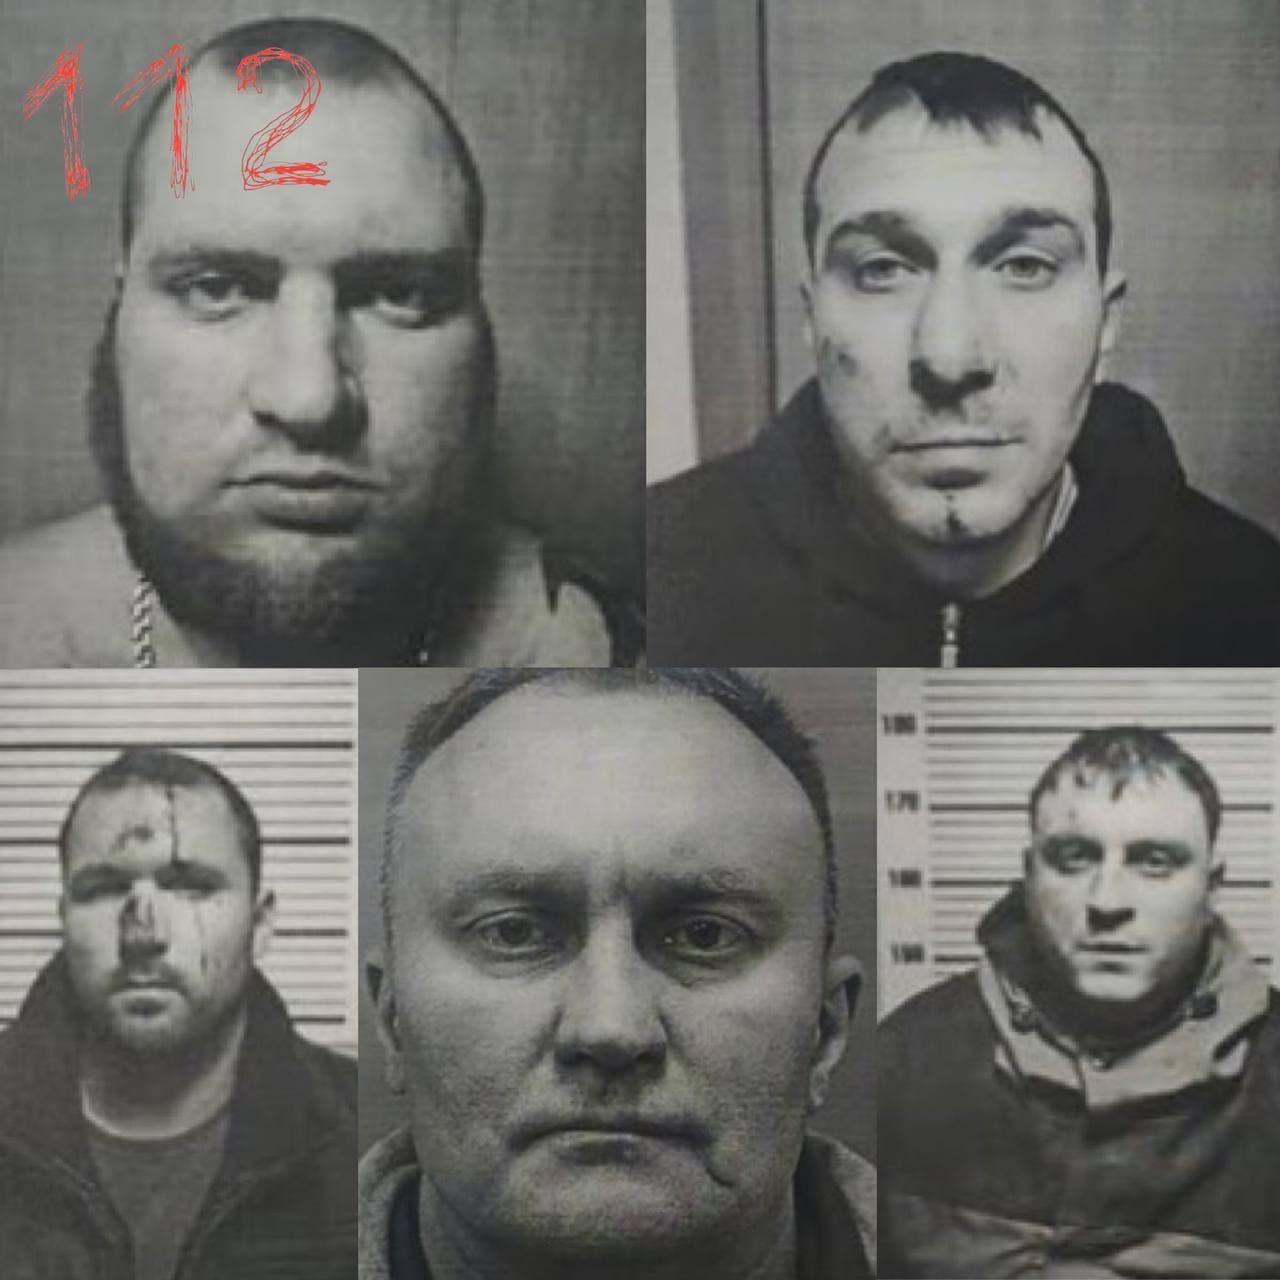 Из подмосковного изолятора сбежали пятеро арестантов, среди них подозреваемый в убийстве бизнесмена